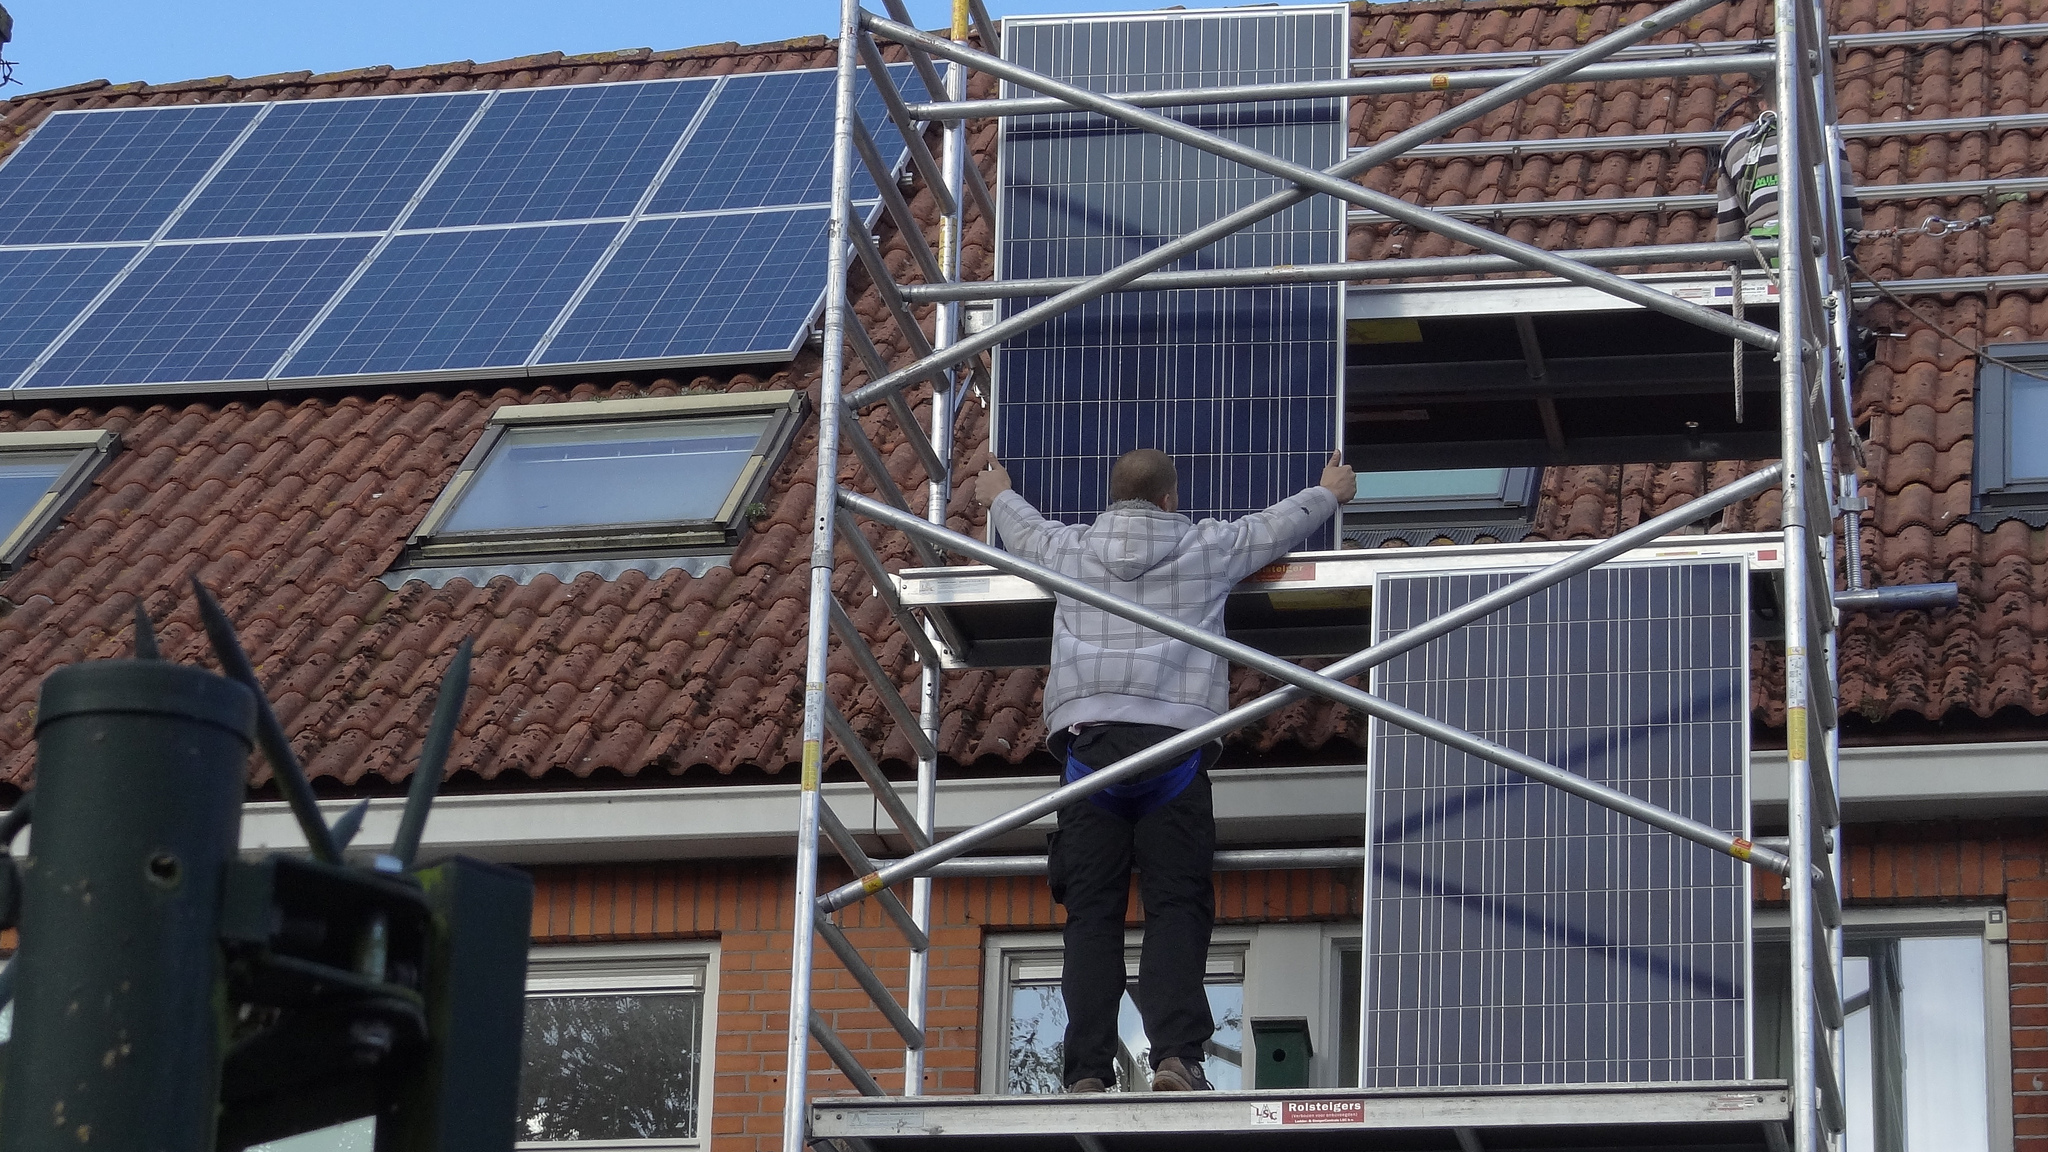 Ook in bestaande huizen kun je van de zon leven in Nederland